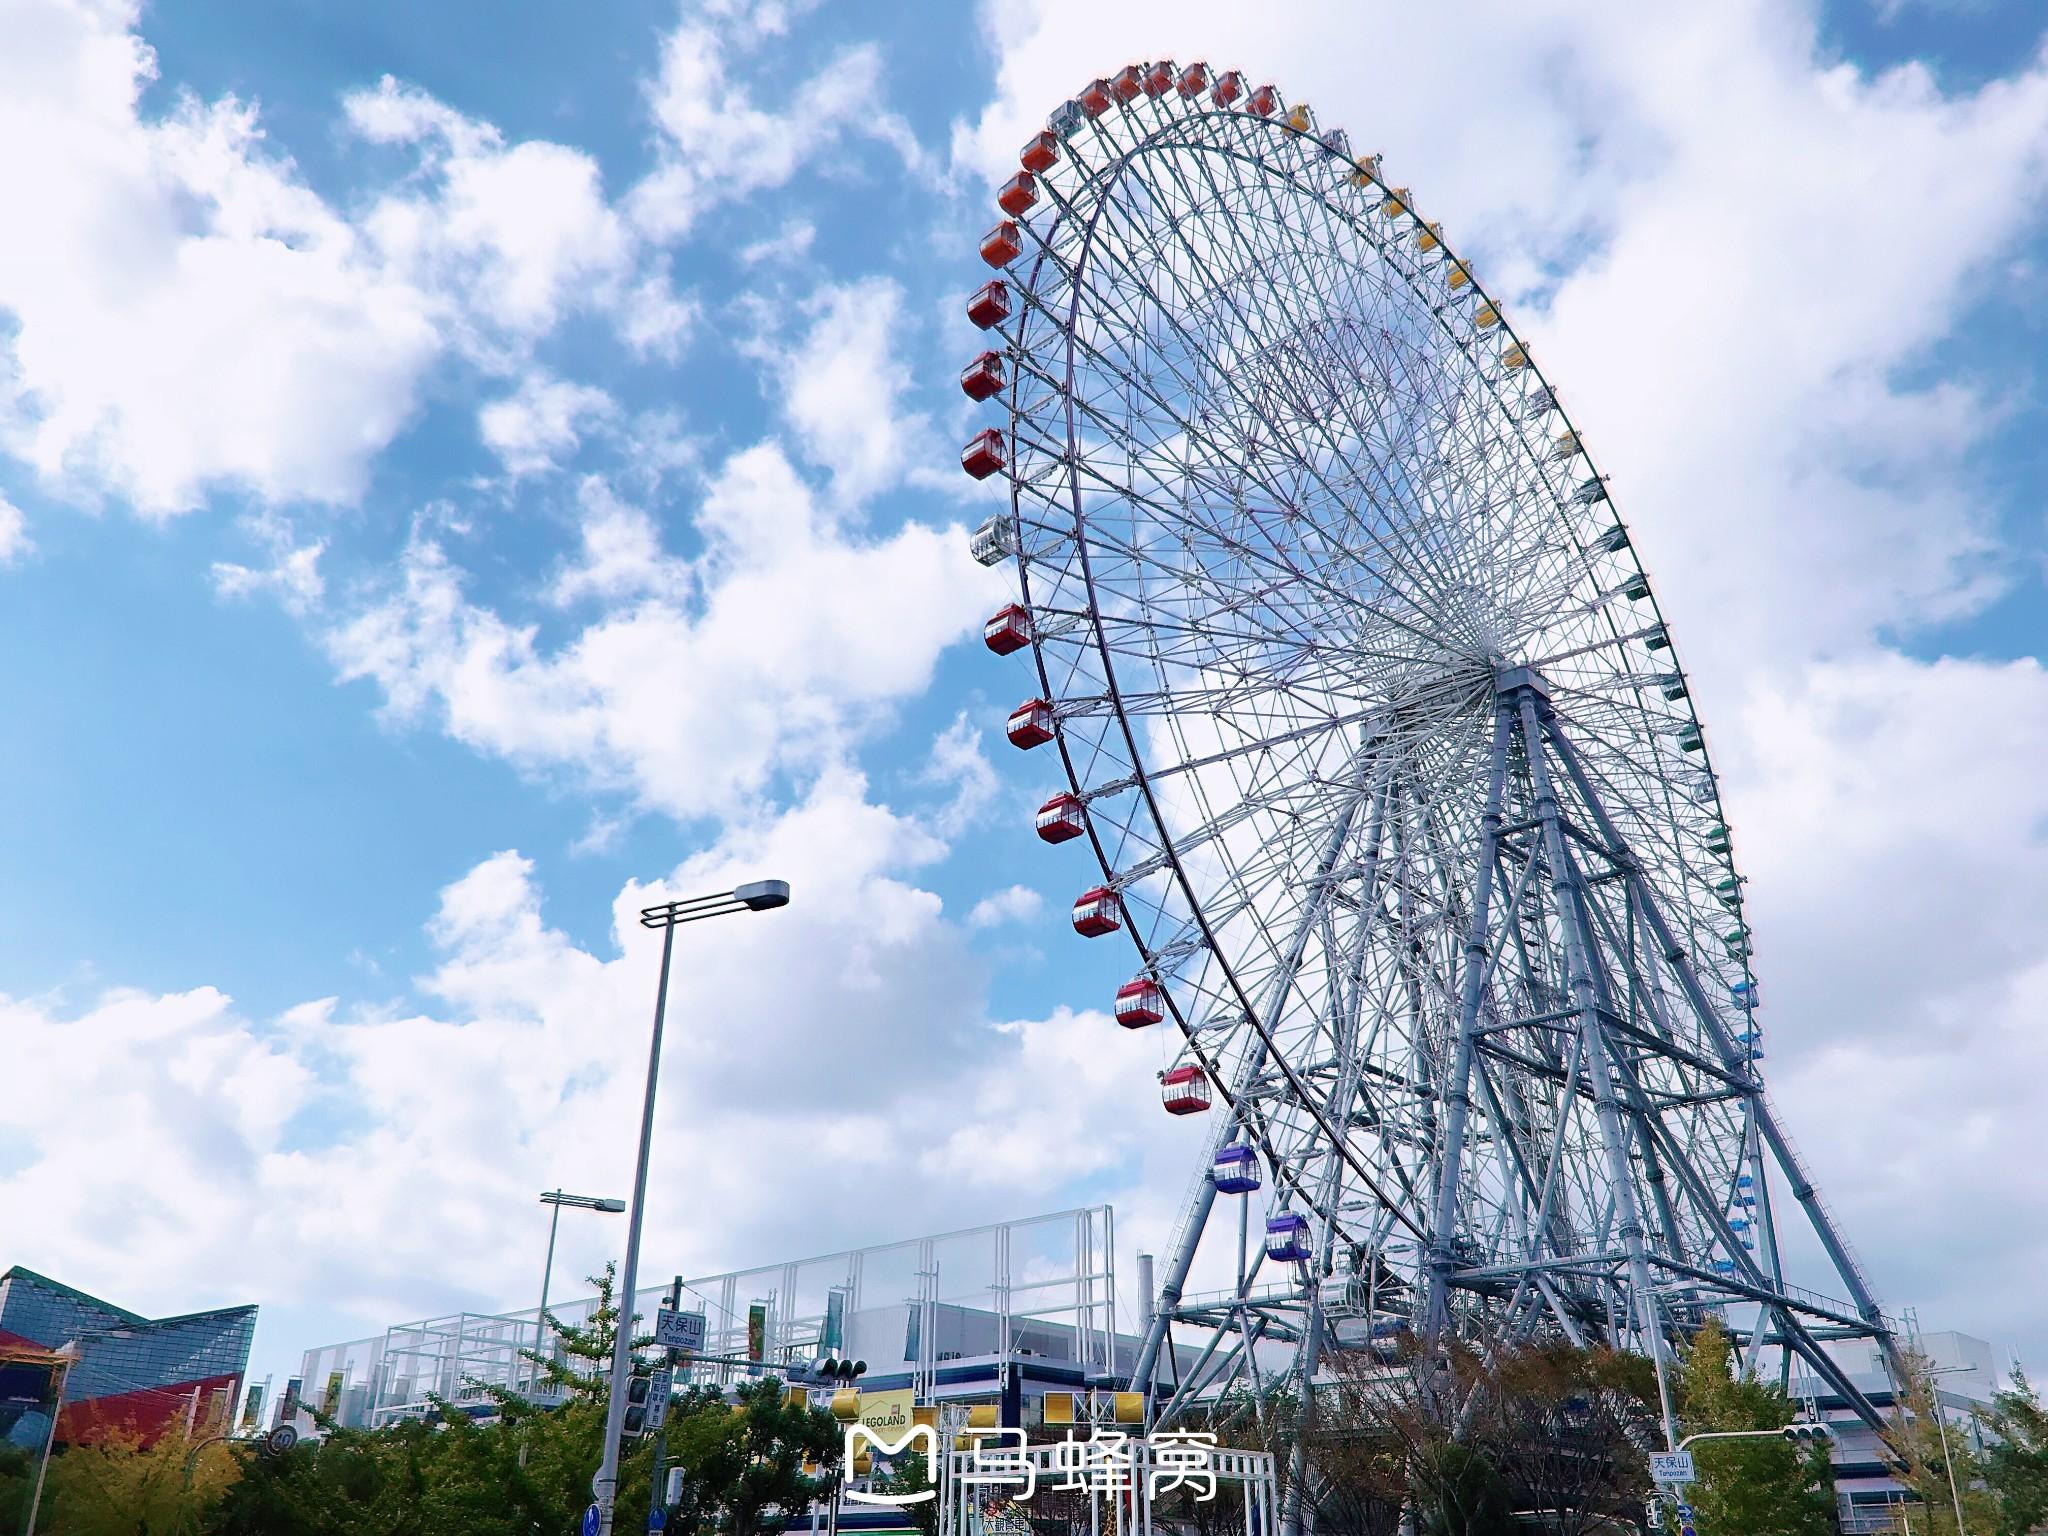 【大阪景点图片】天保山摩天轮